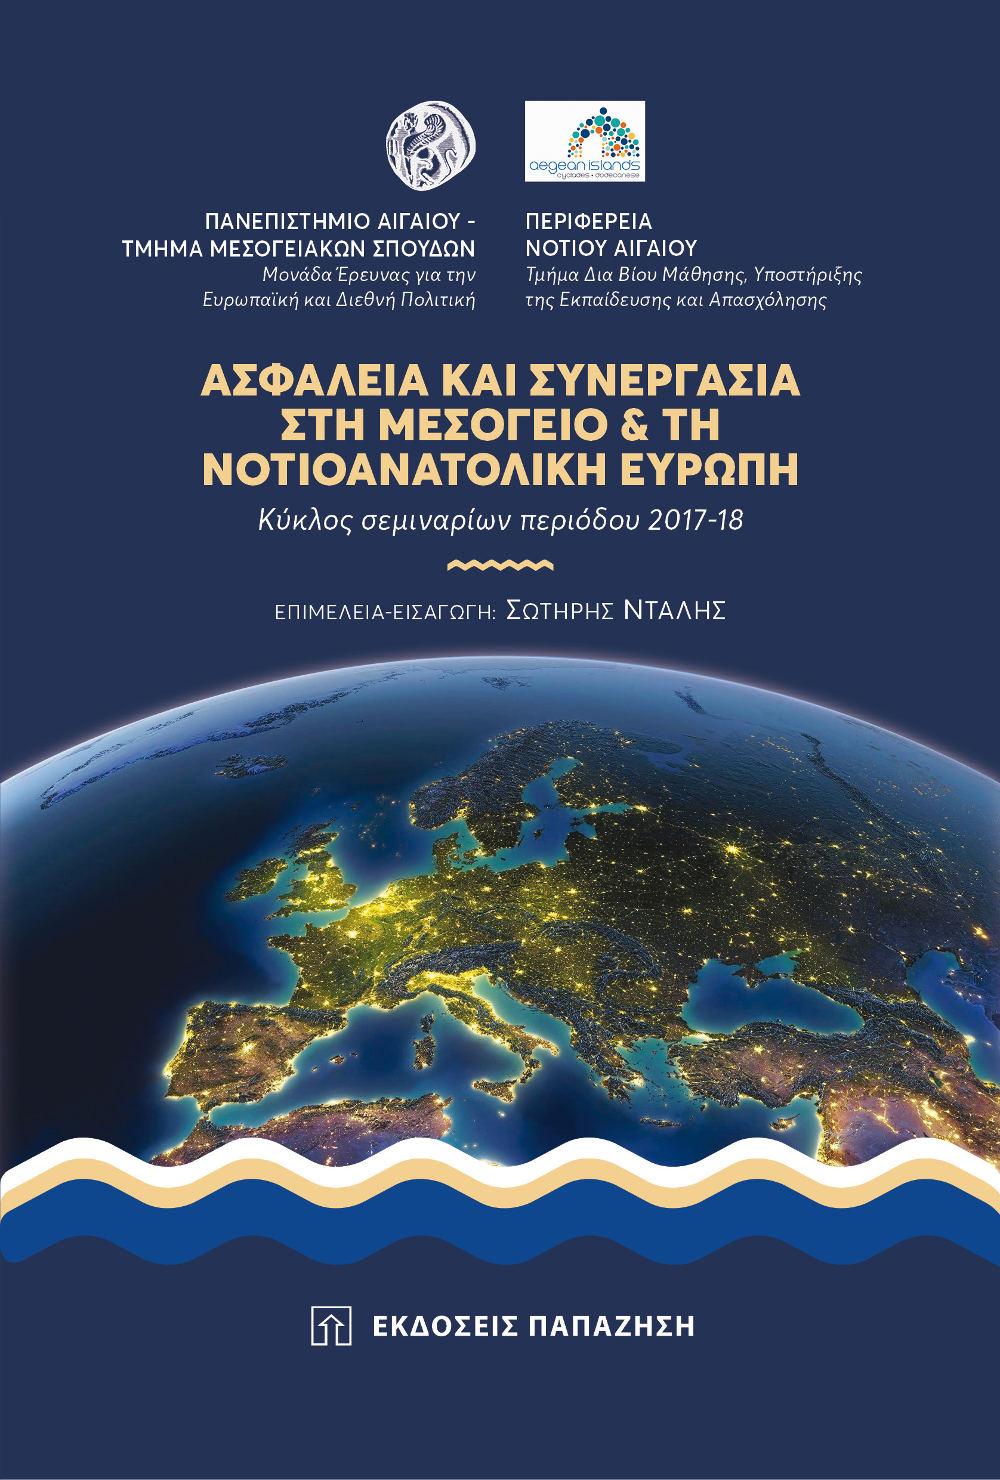 Ασφάλεια & Συνεργασία Στη Μεσόγειο & Τη Νοτιοανατολική Ευρώπη